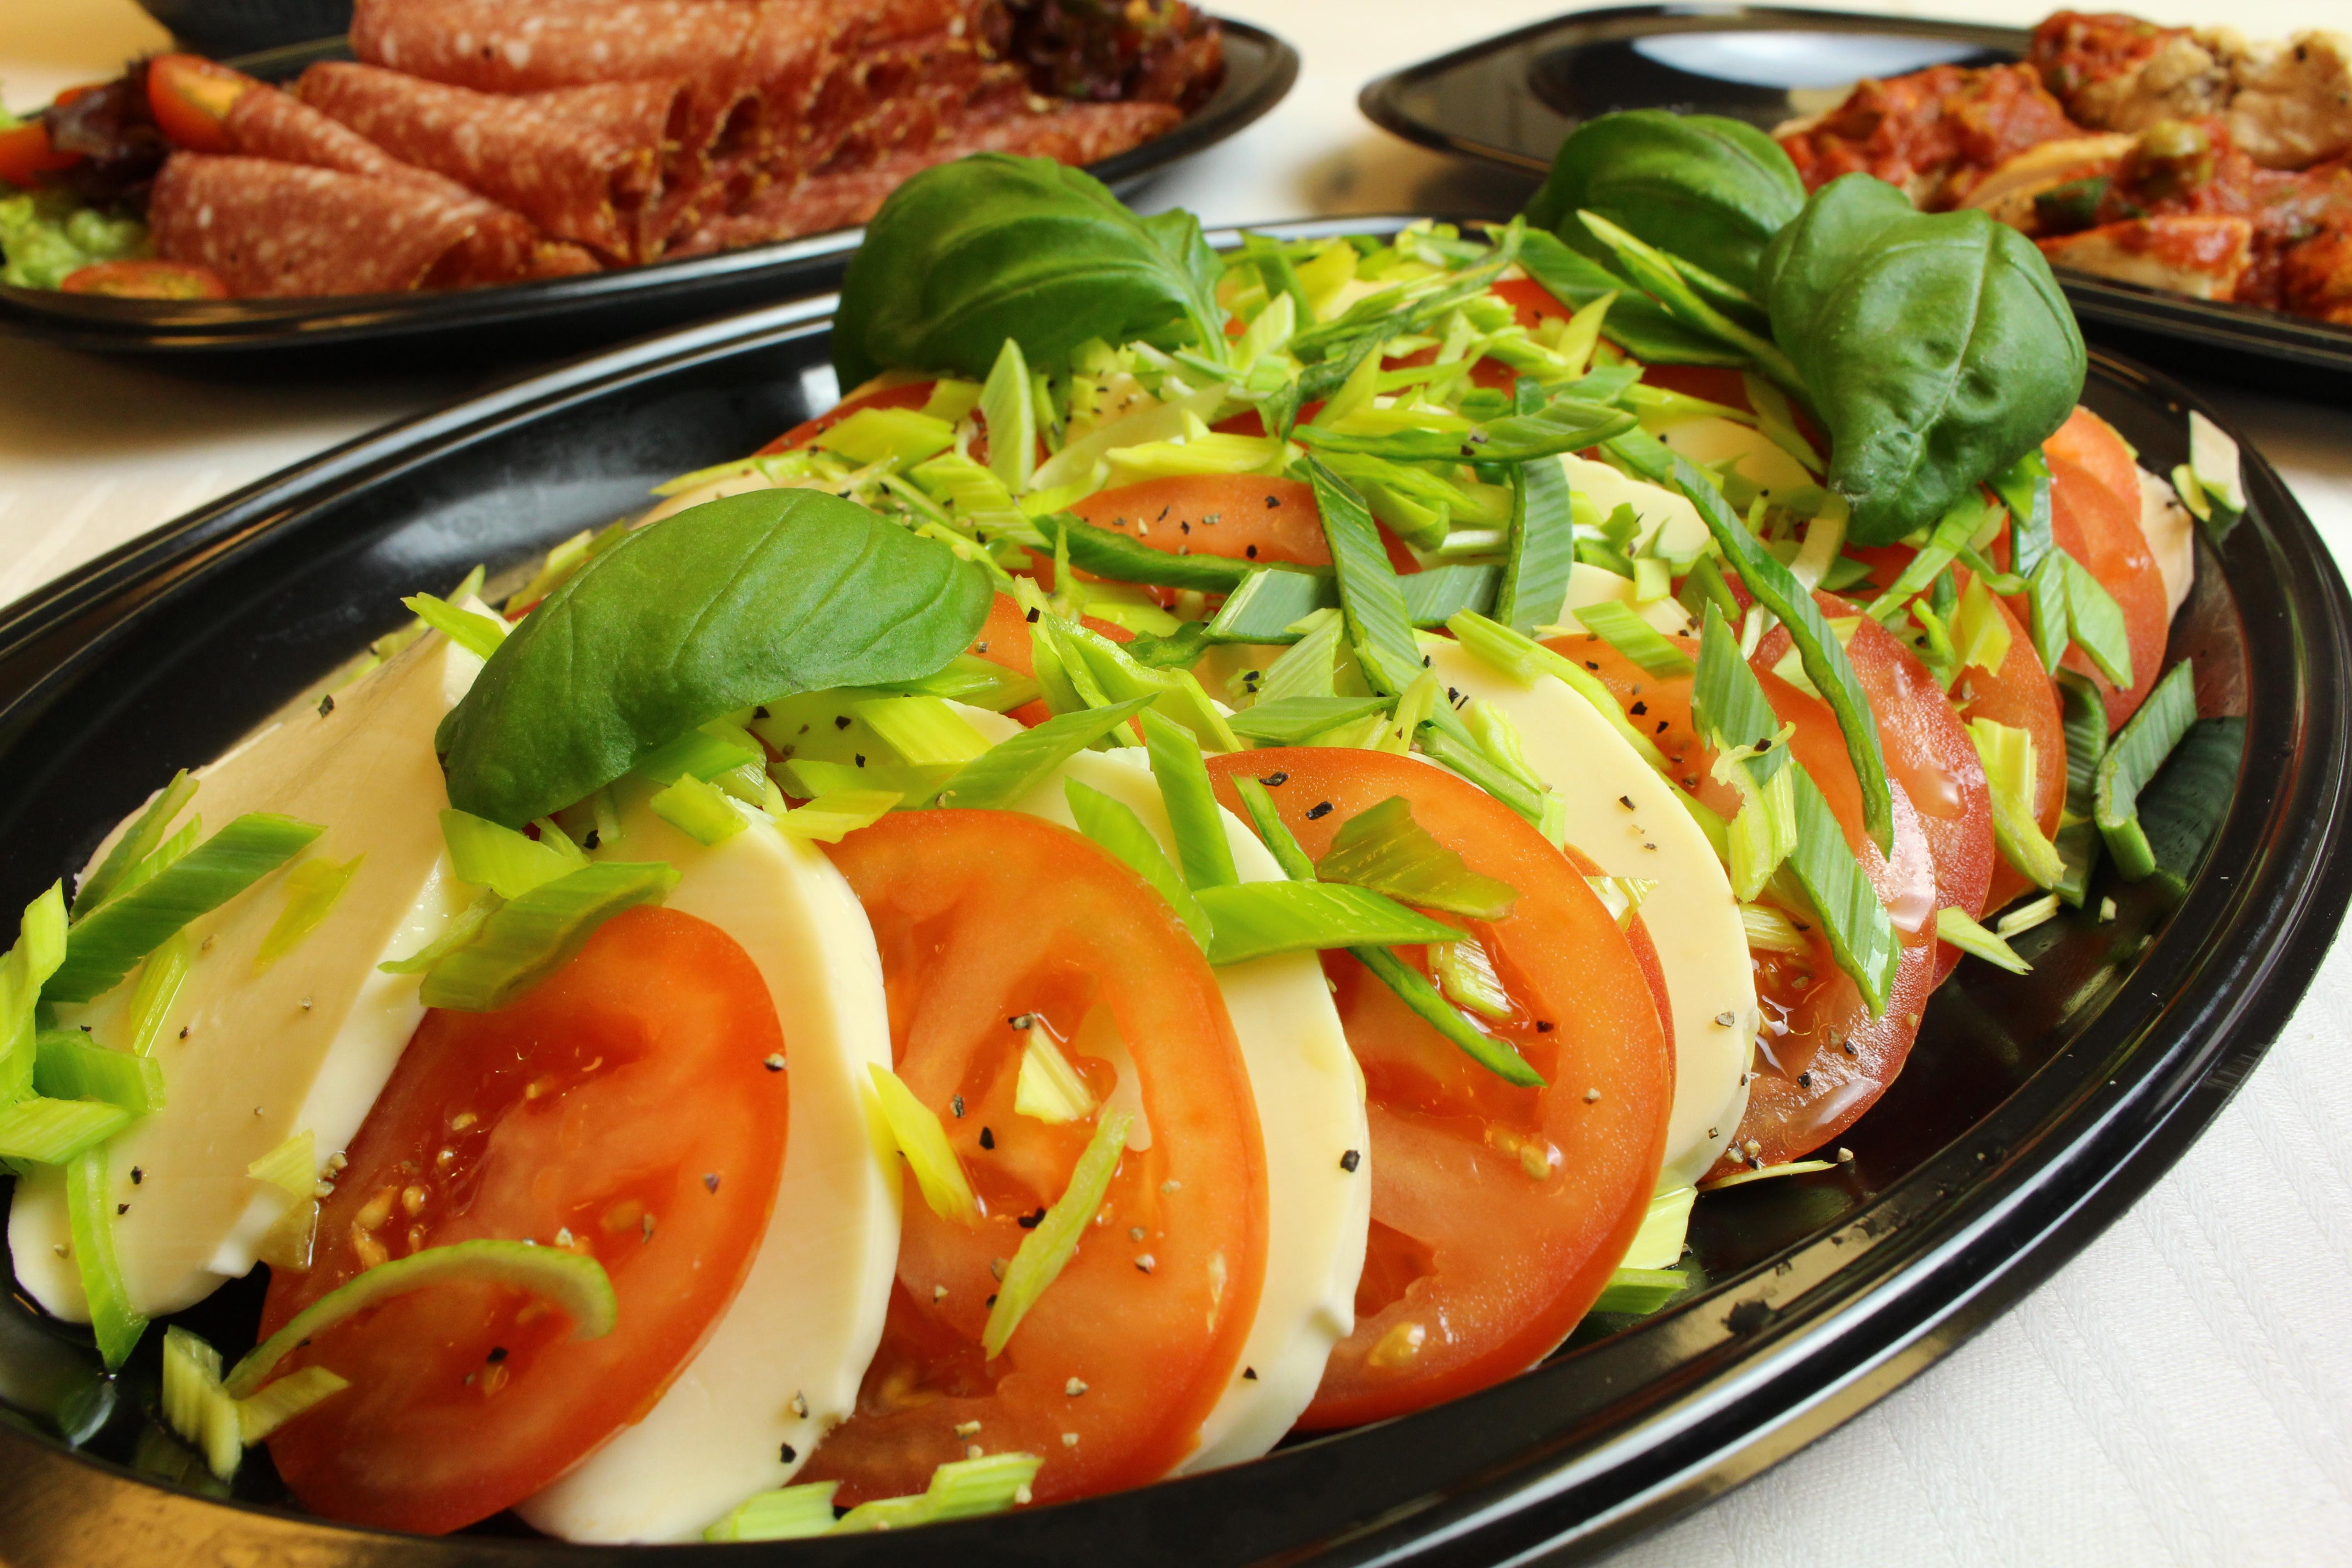 Catering mozzarella och tomat Liljeholmen Matsal